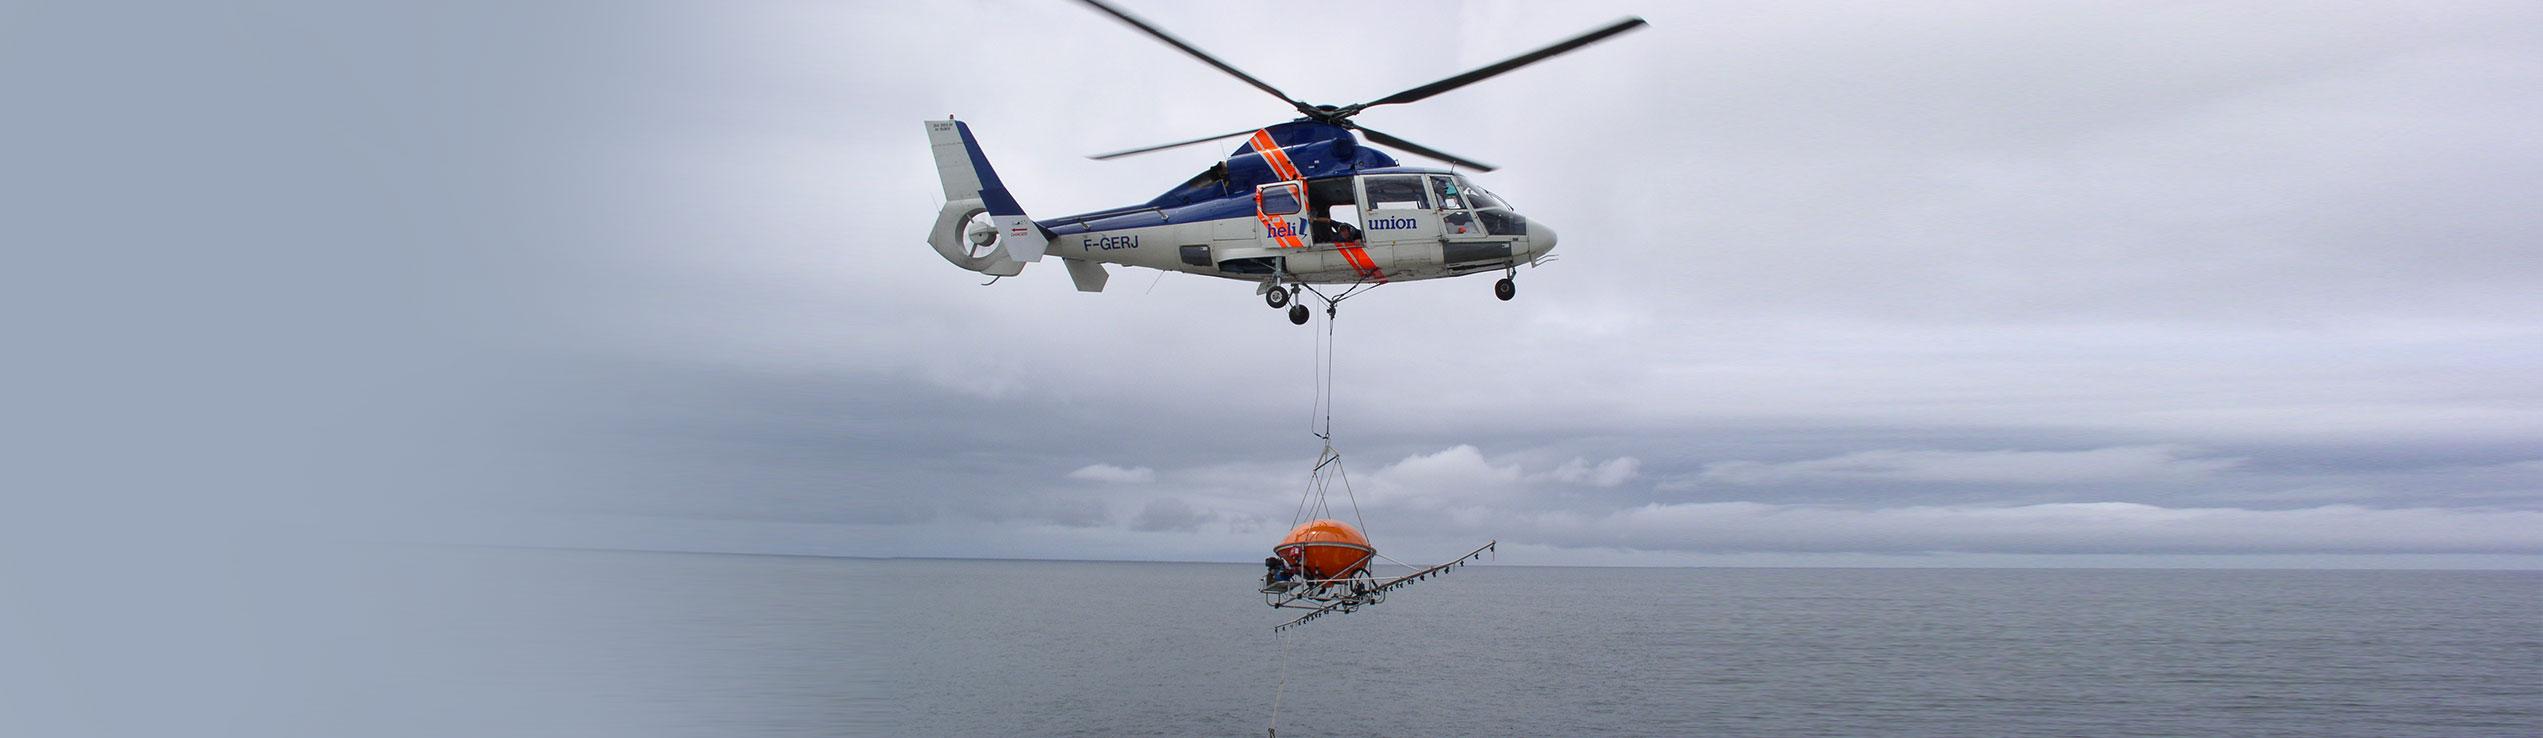 aerial-work2